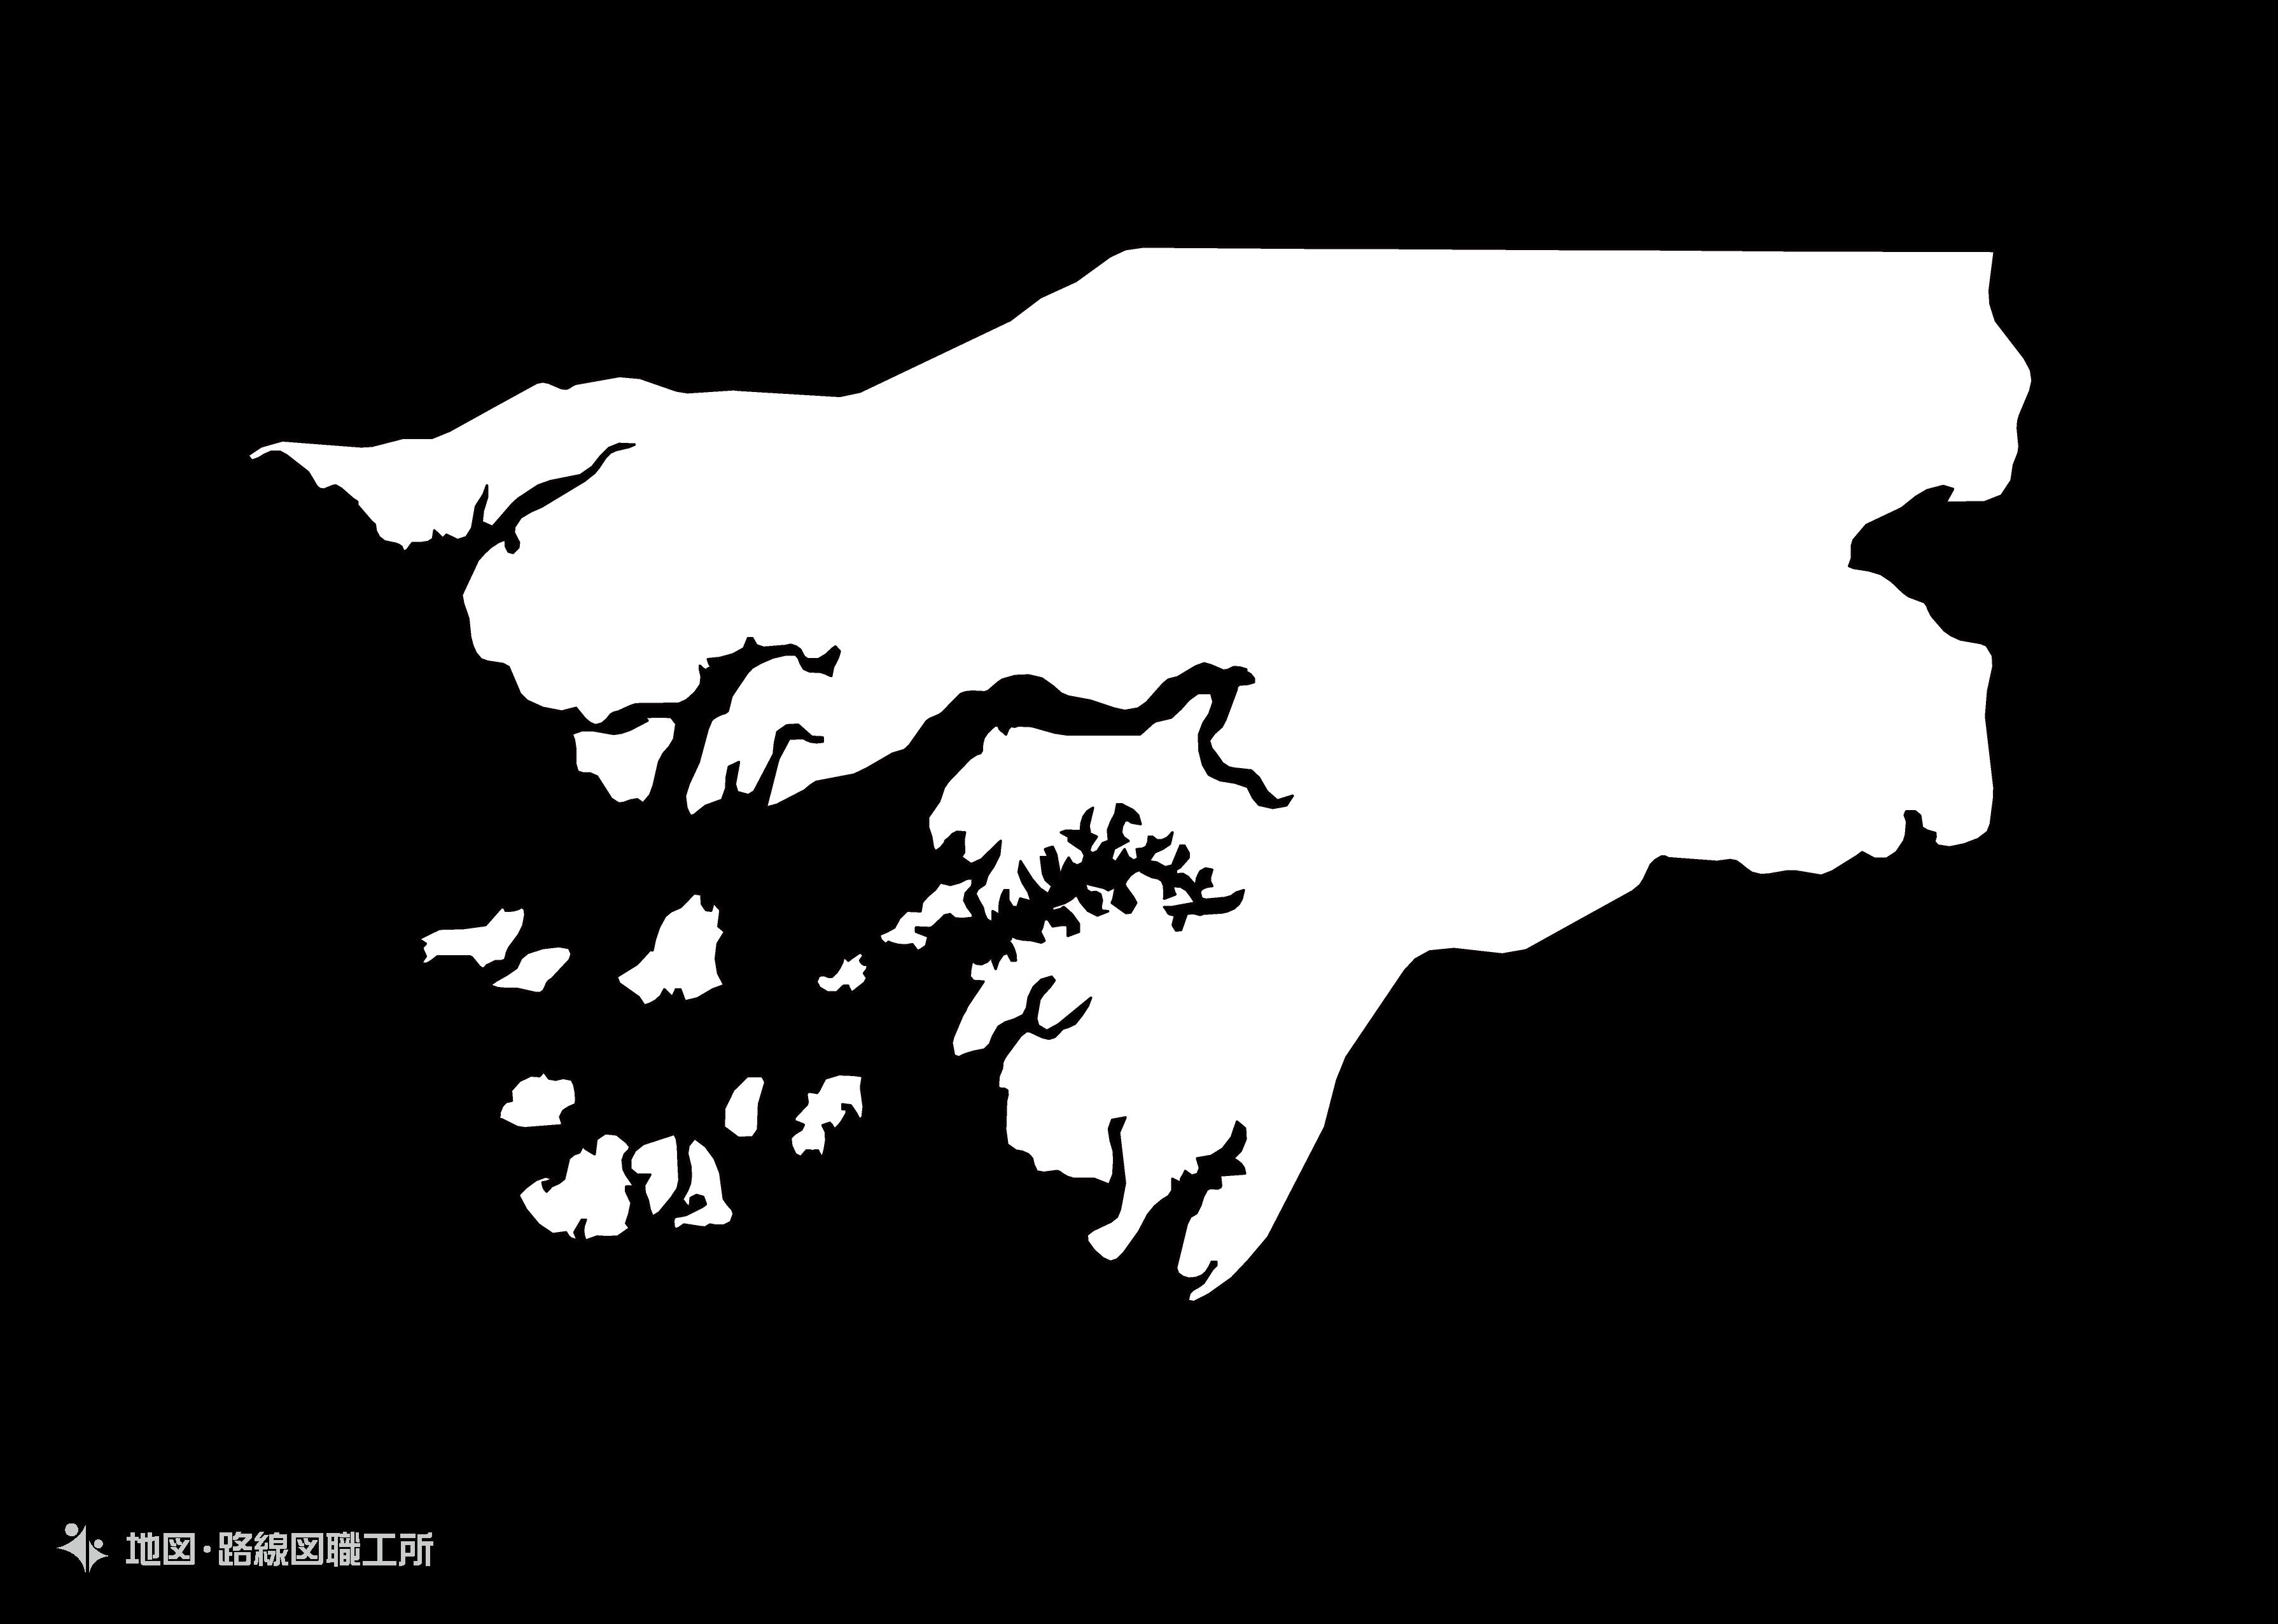 世界の白地図 ギニアビザウ共和国 republic-of-guinea-bissau map